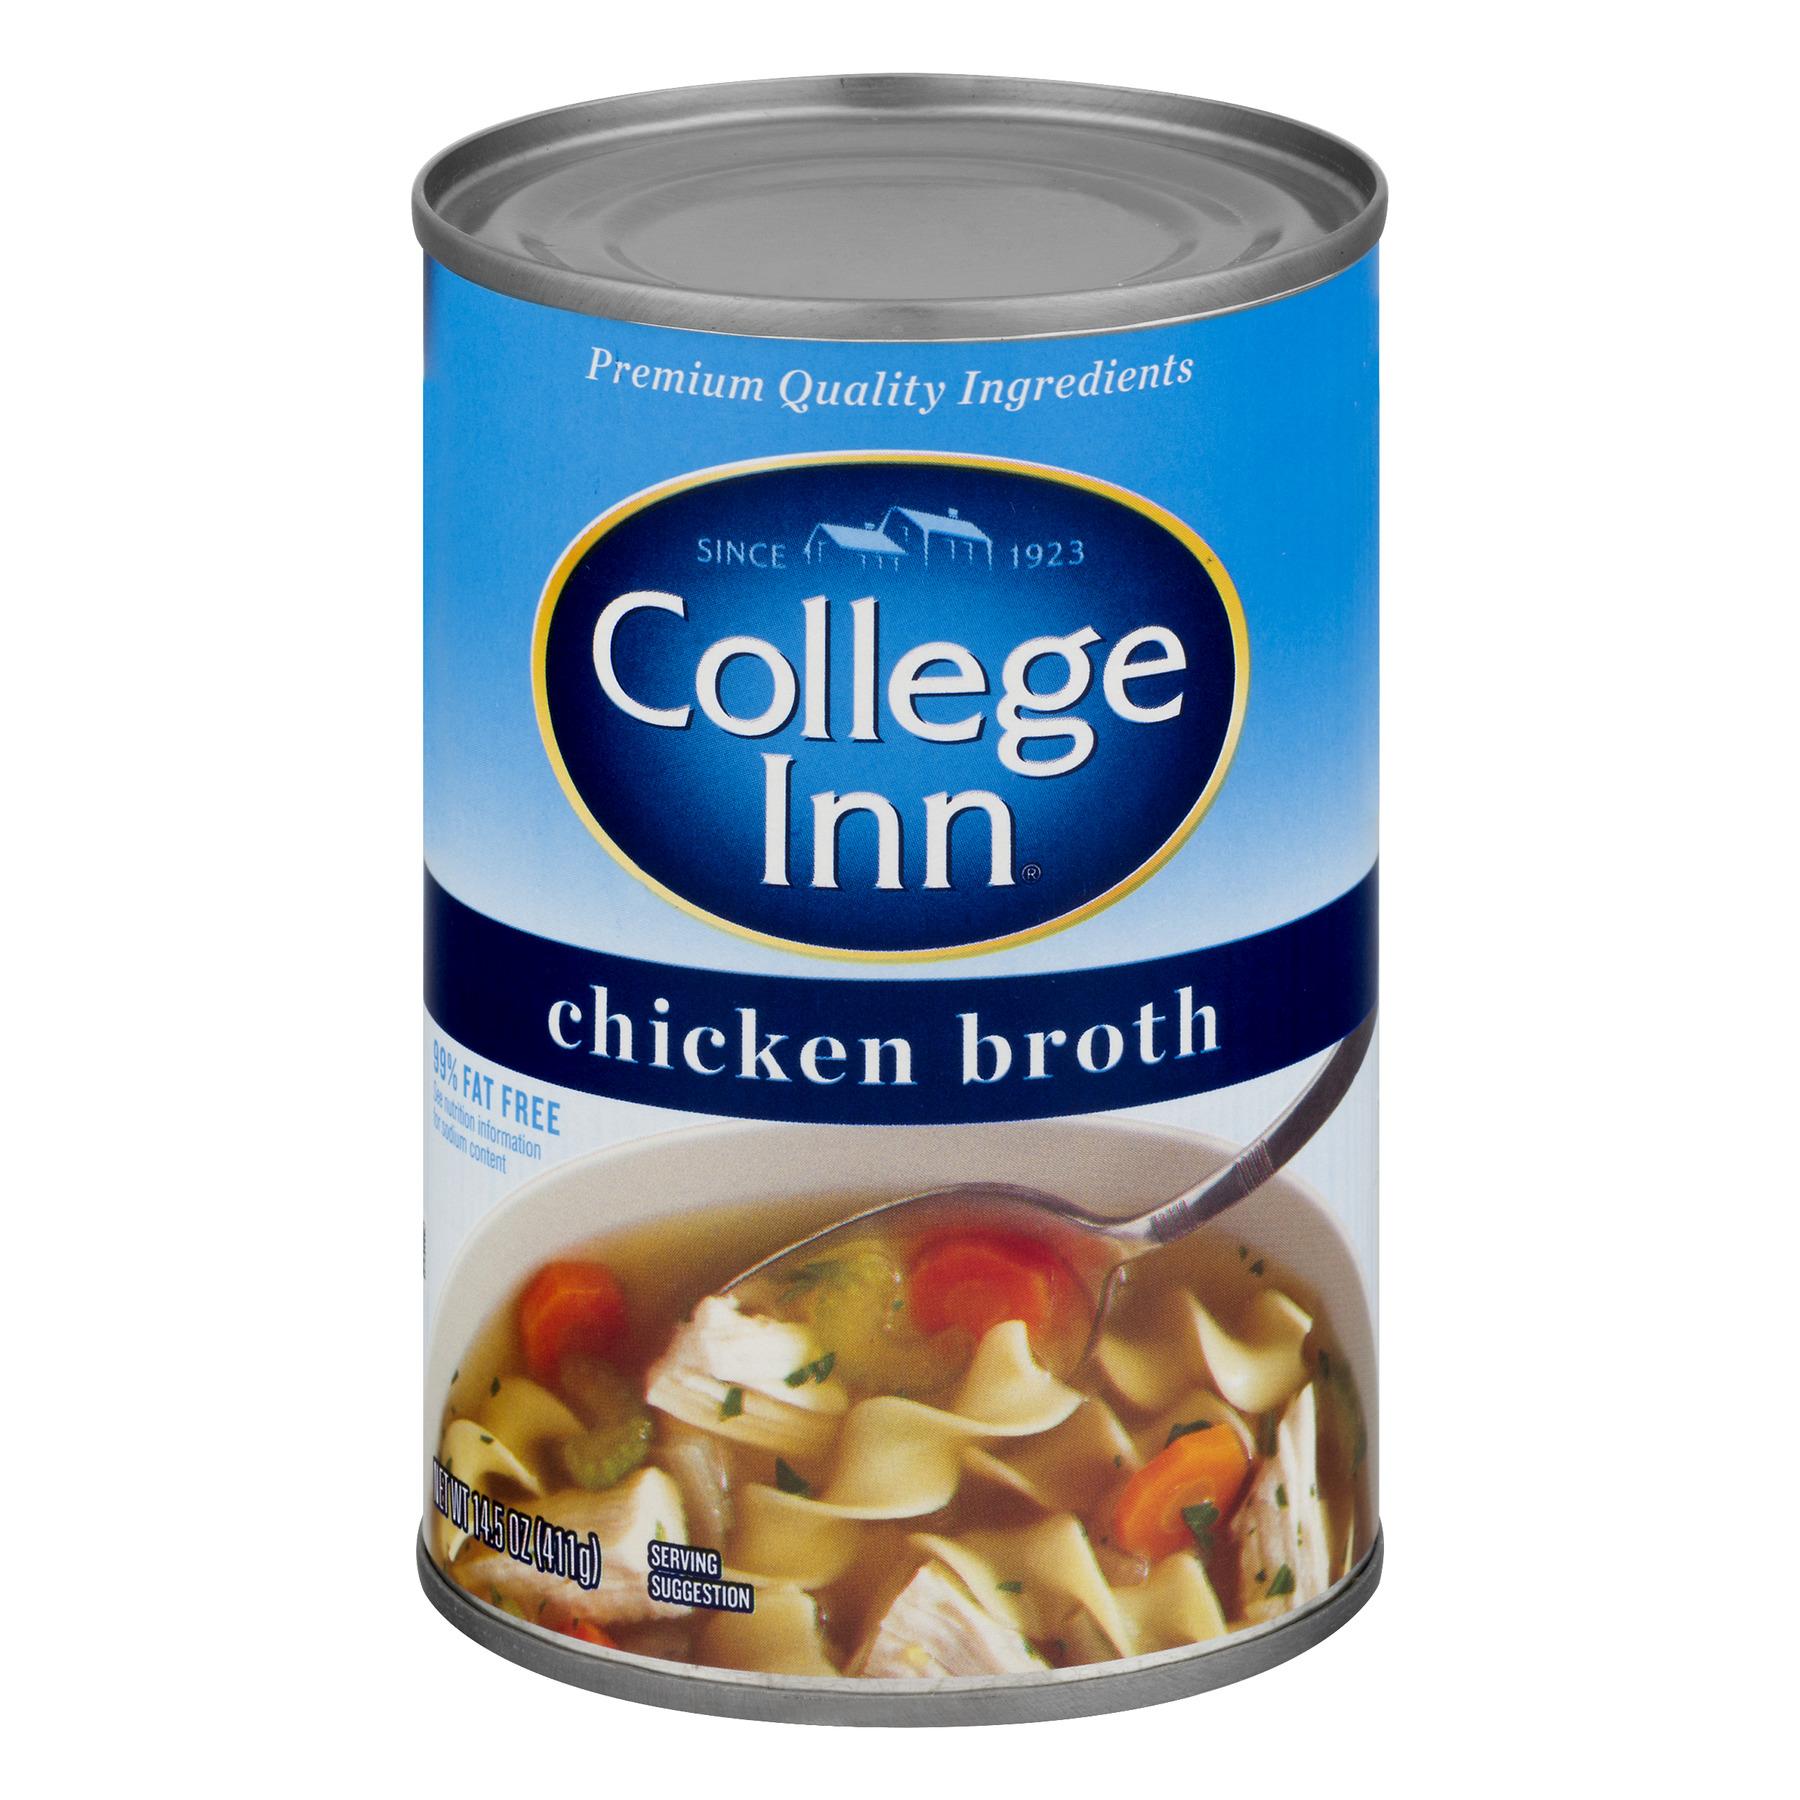 College Inn Chicken Broth, 14.5 oz